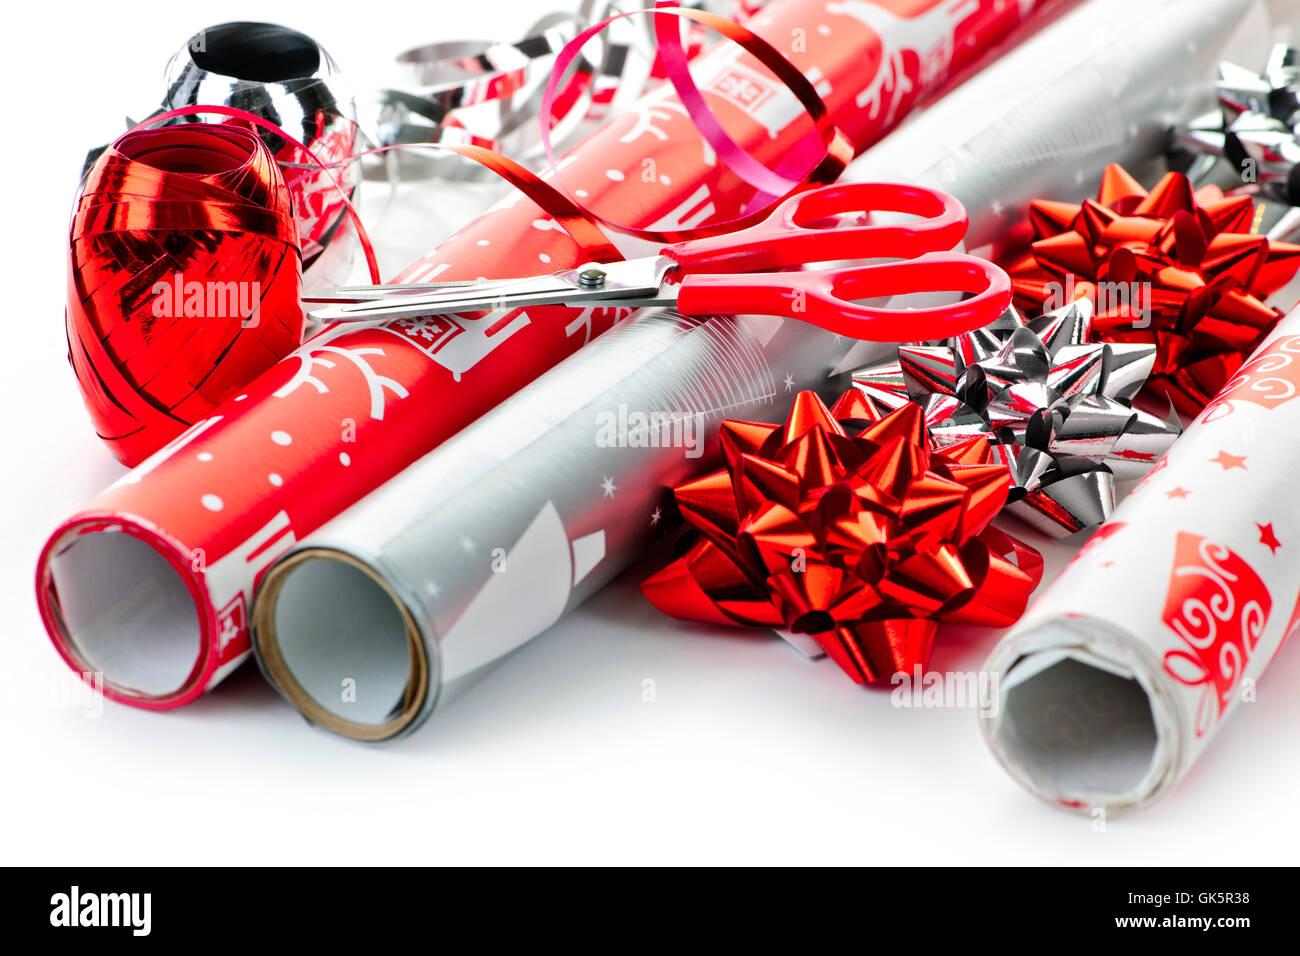 Envoltura de papel de regalo de navidad Imagen De Stock